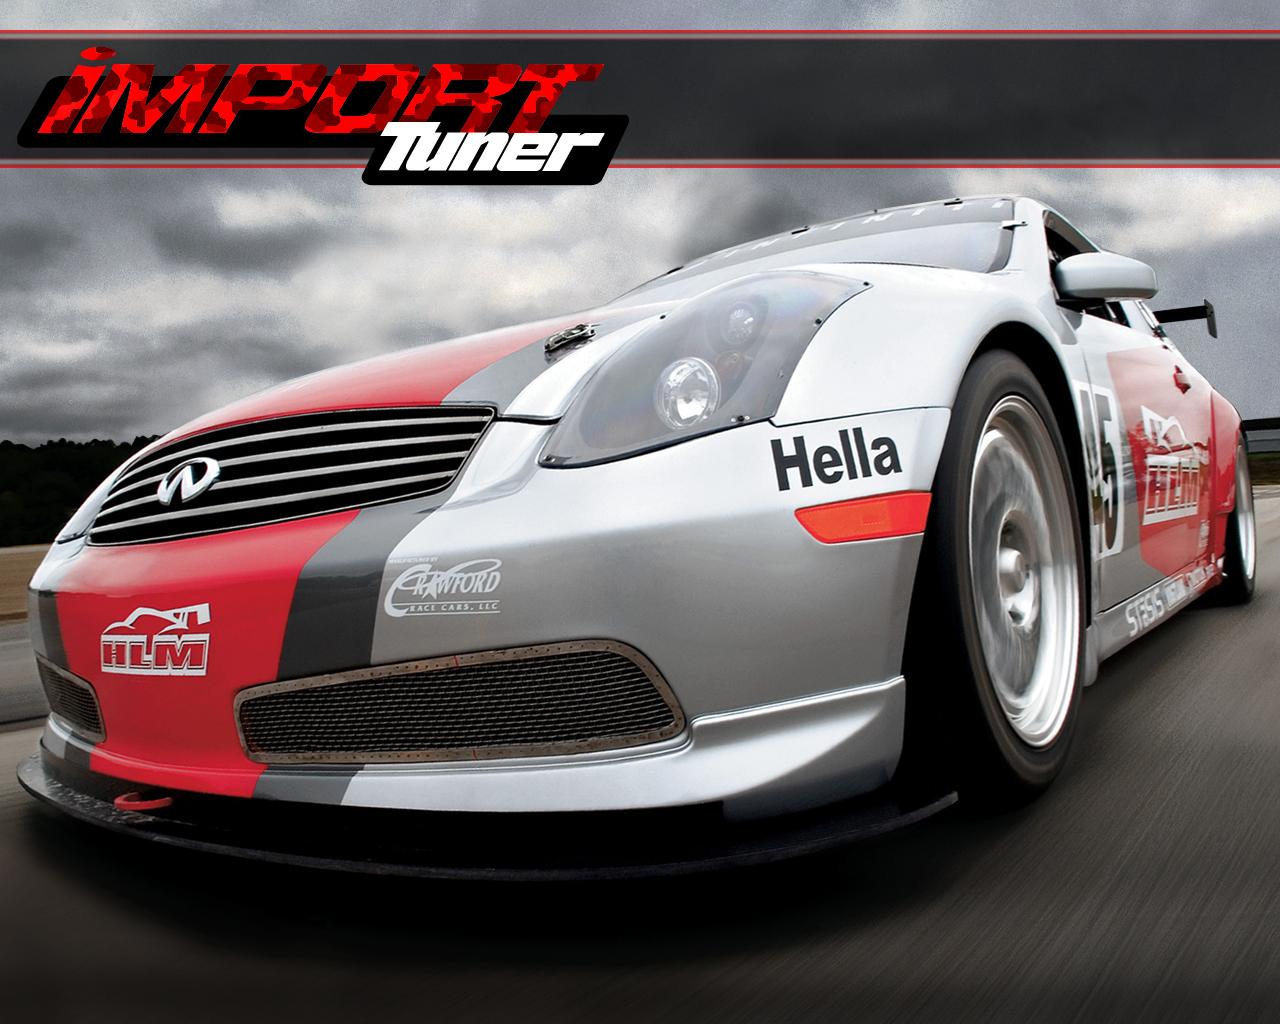 http://1.bp.blogspot.com/-kxxBnqgso4w/Tu9LpmV5XEI/AAAAAAAAIp8/0az4rsk3vIU/s1600/0703_itwp_infiniti_g35_gt_race_car_1280.jpg